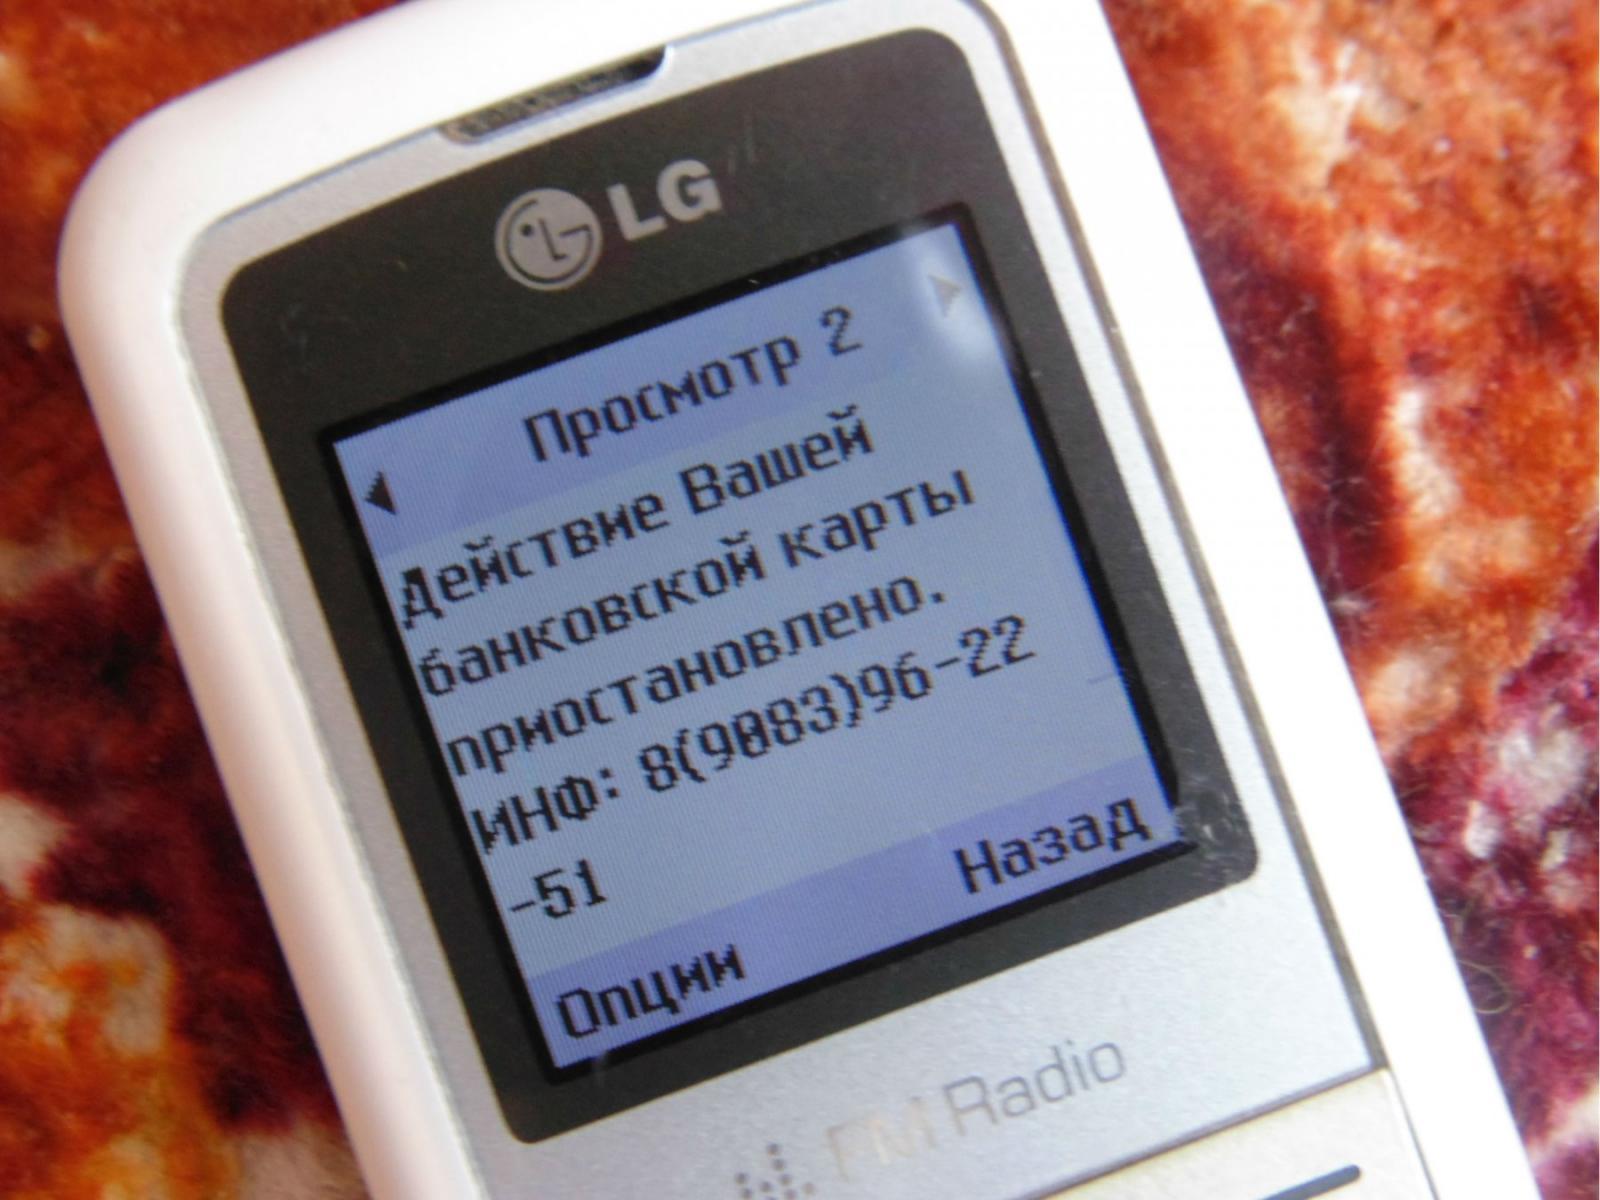 Жители Брянской области за один день «подарили» мошенникам 366 тысяч рублей